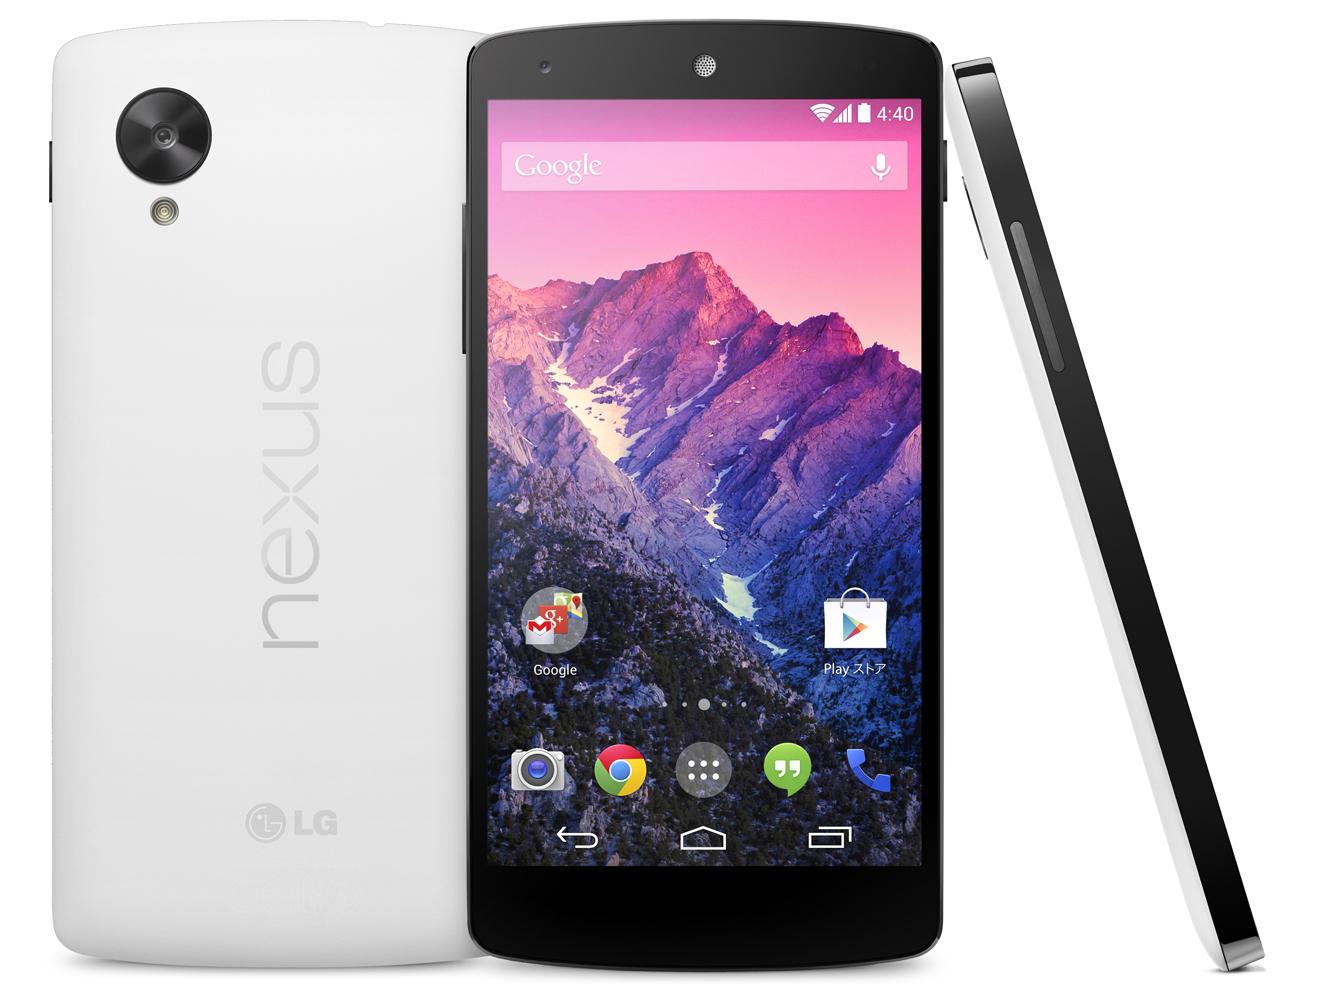 イー・モバイル、Nexus 5を11月15日より発売へーオンラインショップでの発売はなし